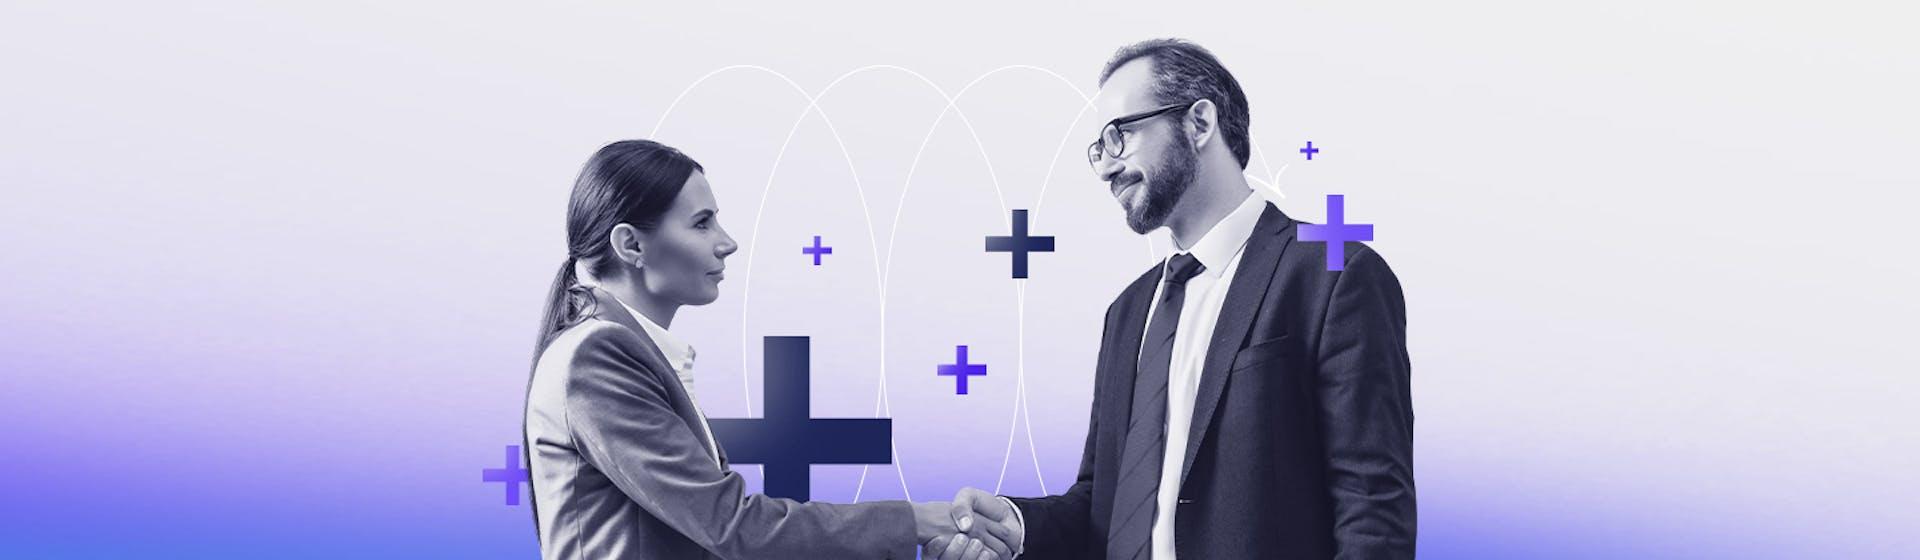 Network Marketing en B2B: ¿Qué es y qué beneficios aporta?